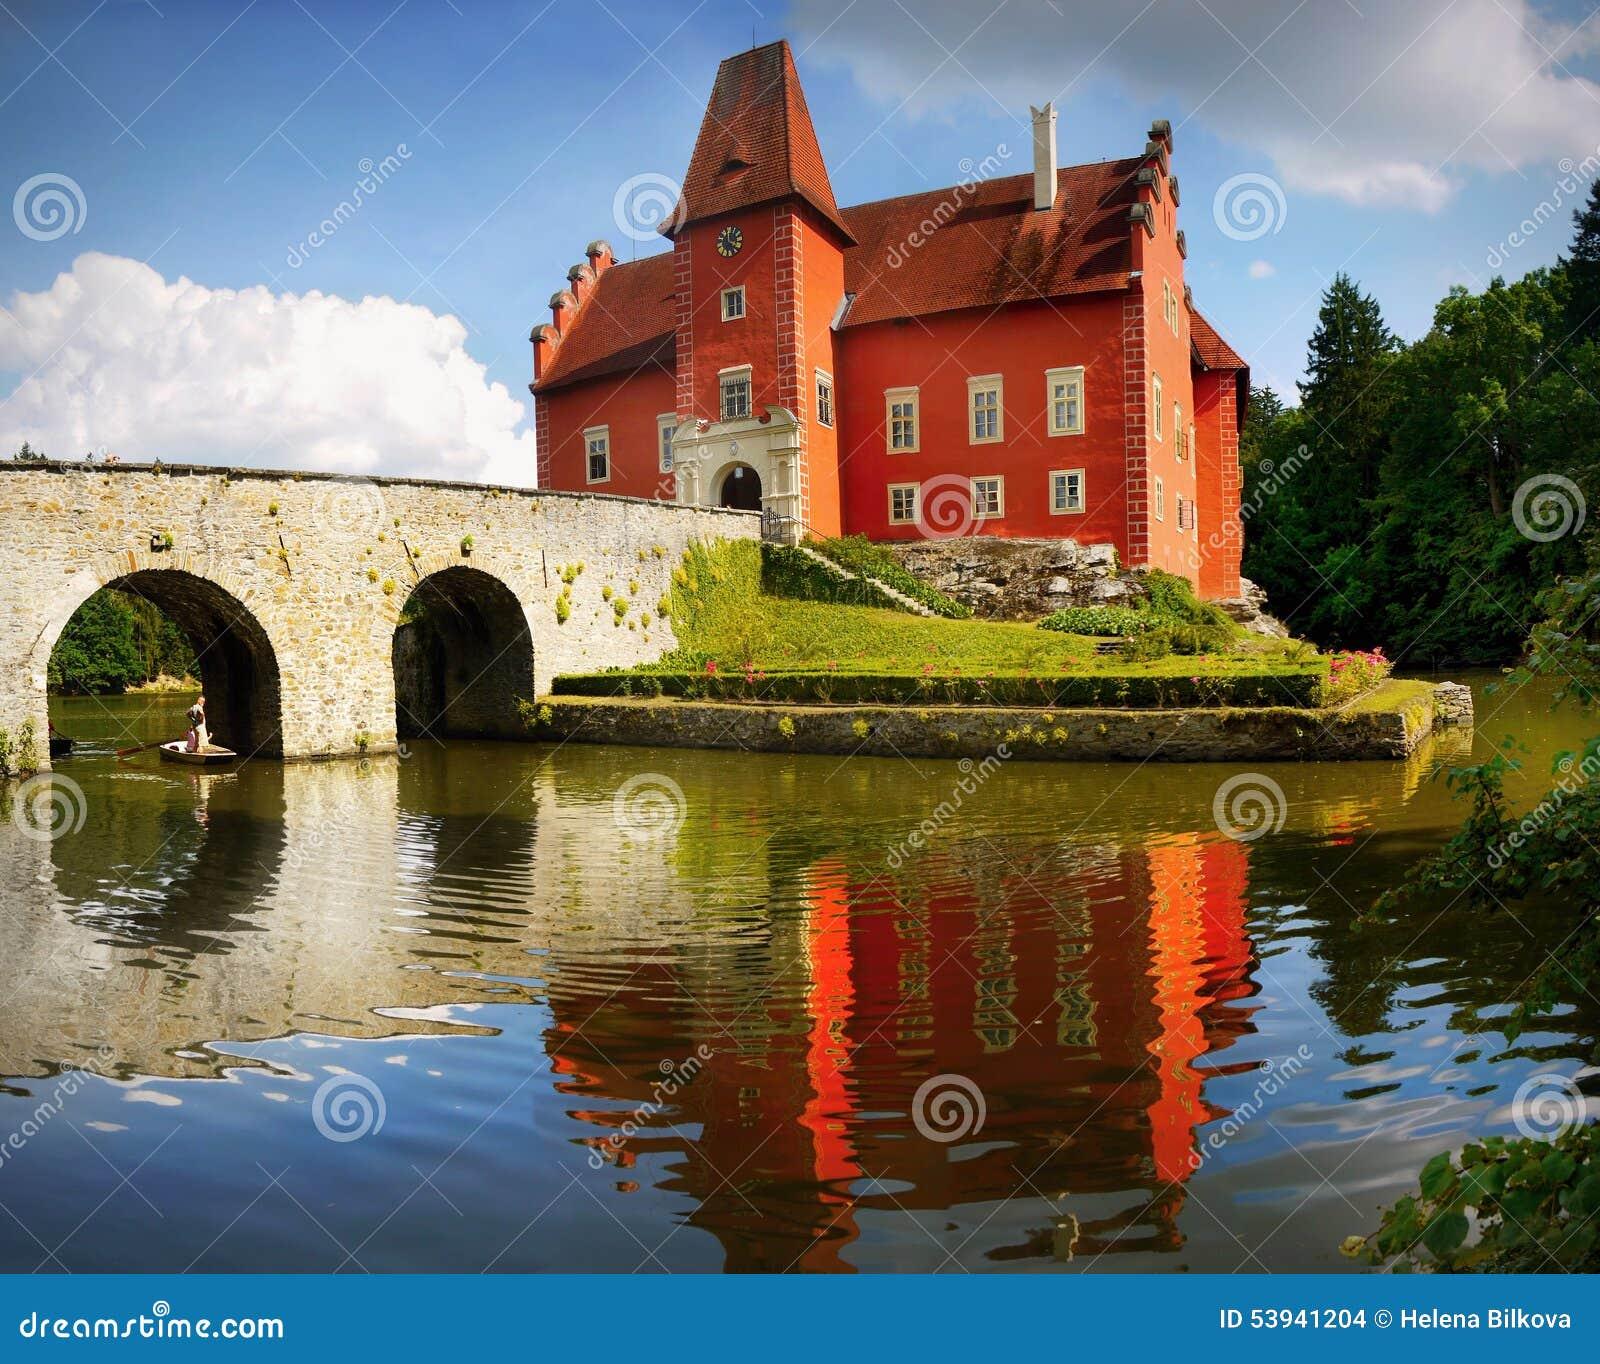 Romantic Fairytale Castle